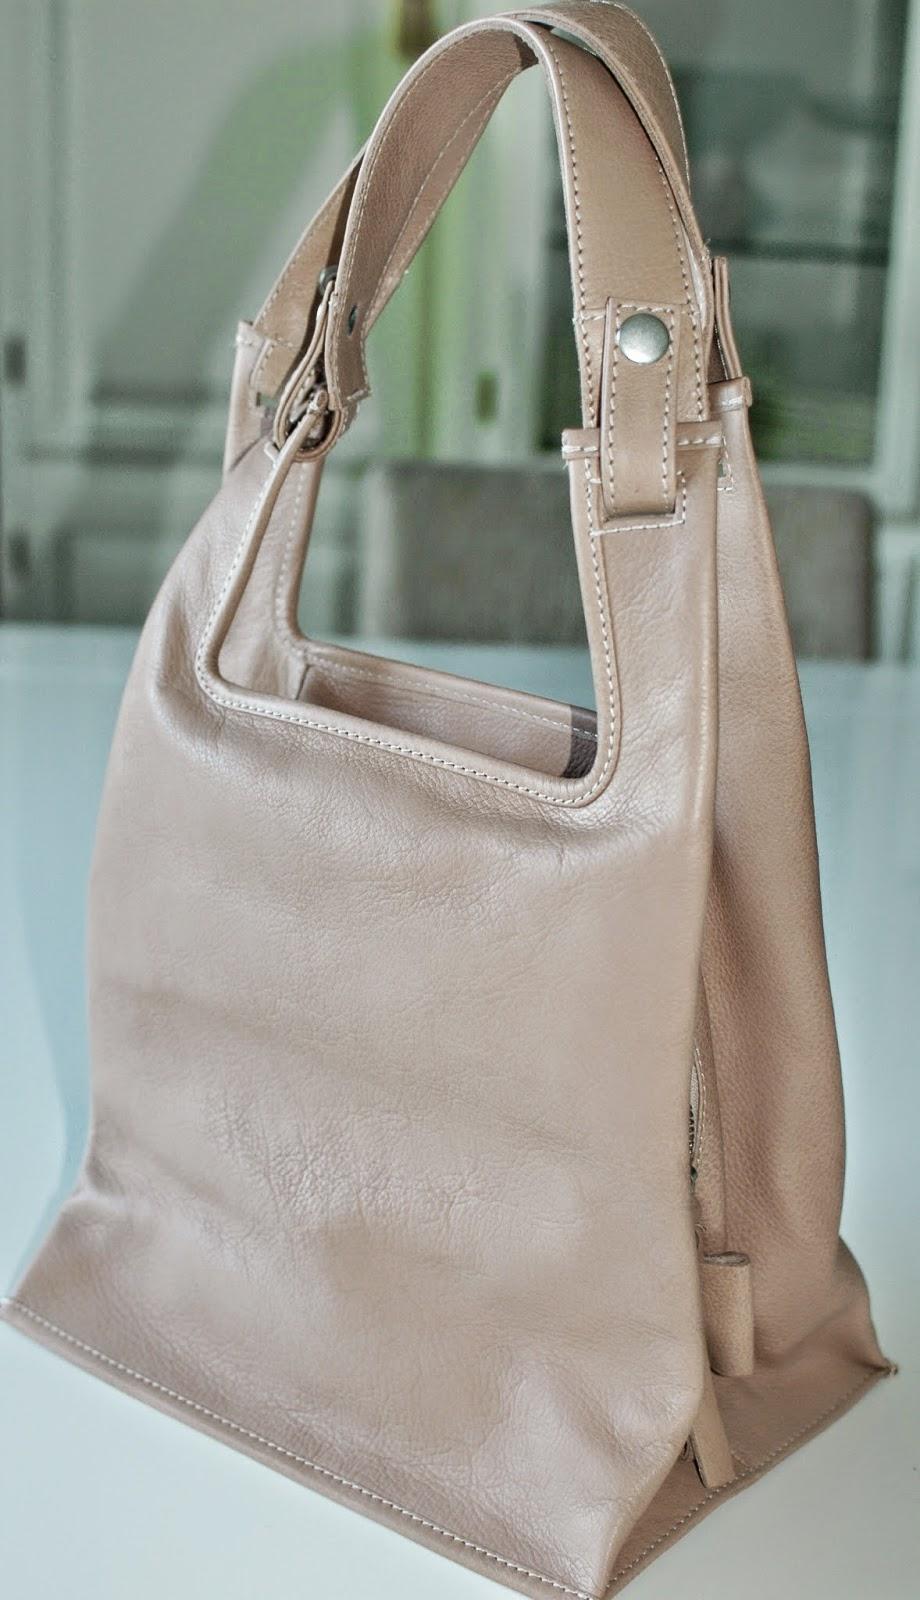 Myydään Lumi Laukku : Dolce macchiato lumi supermarket bag classic sand